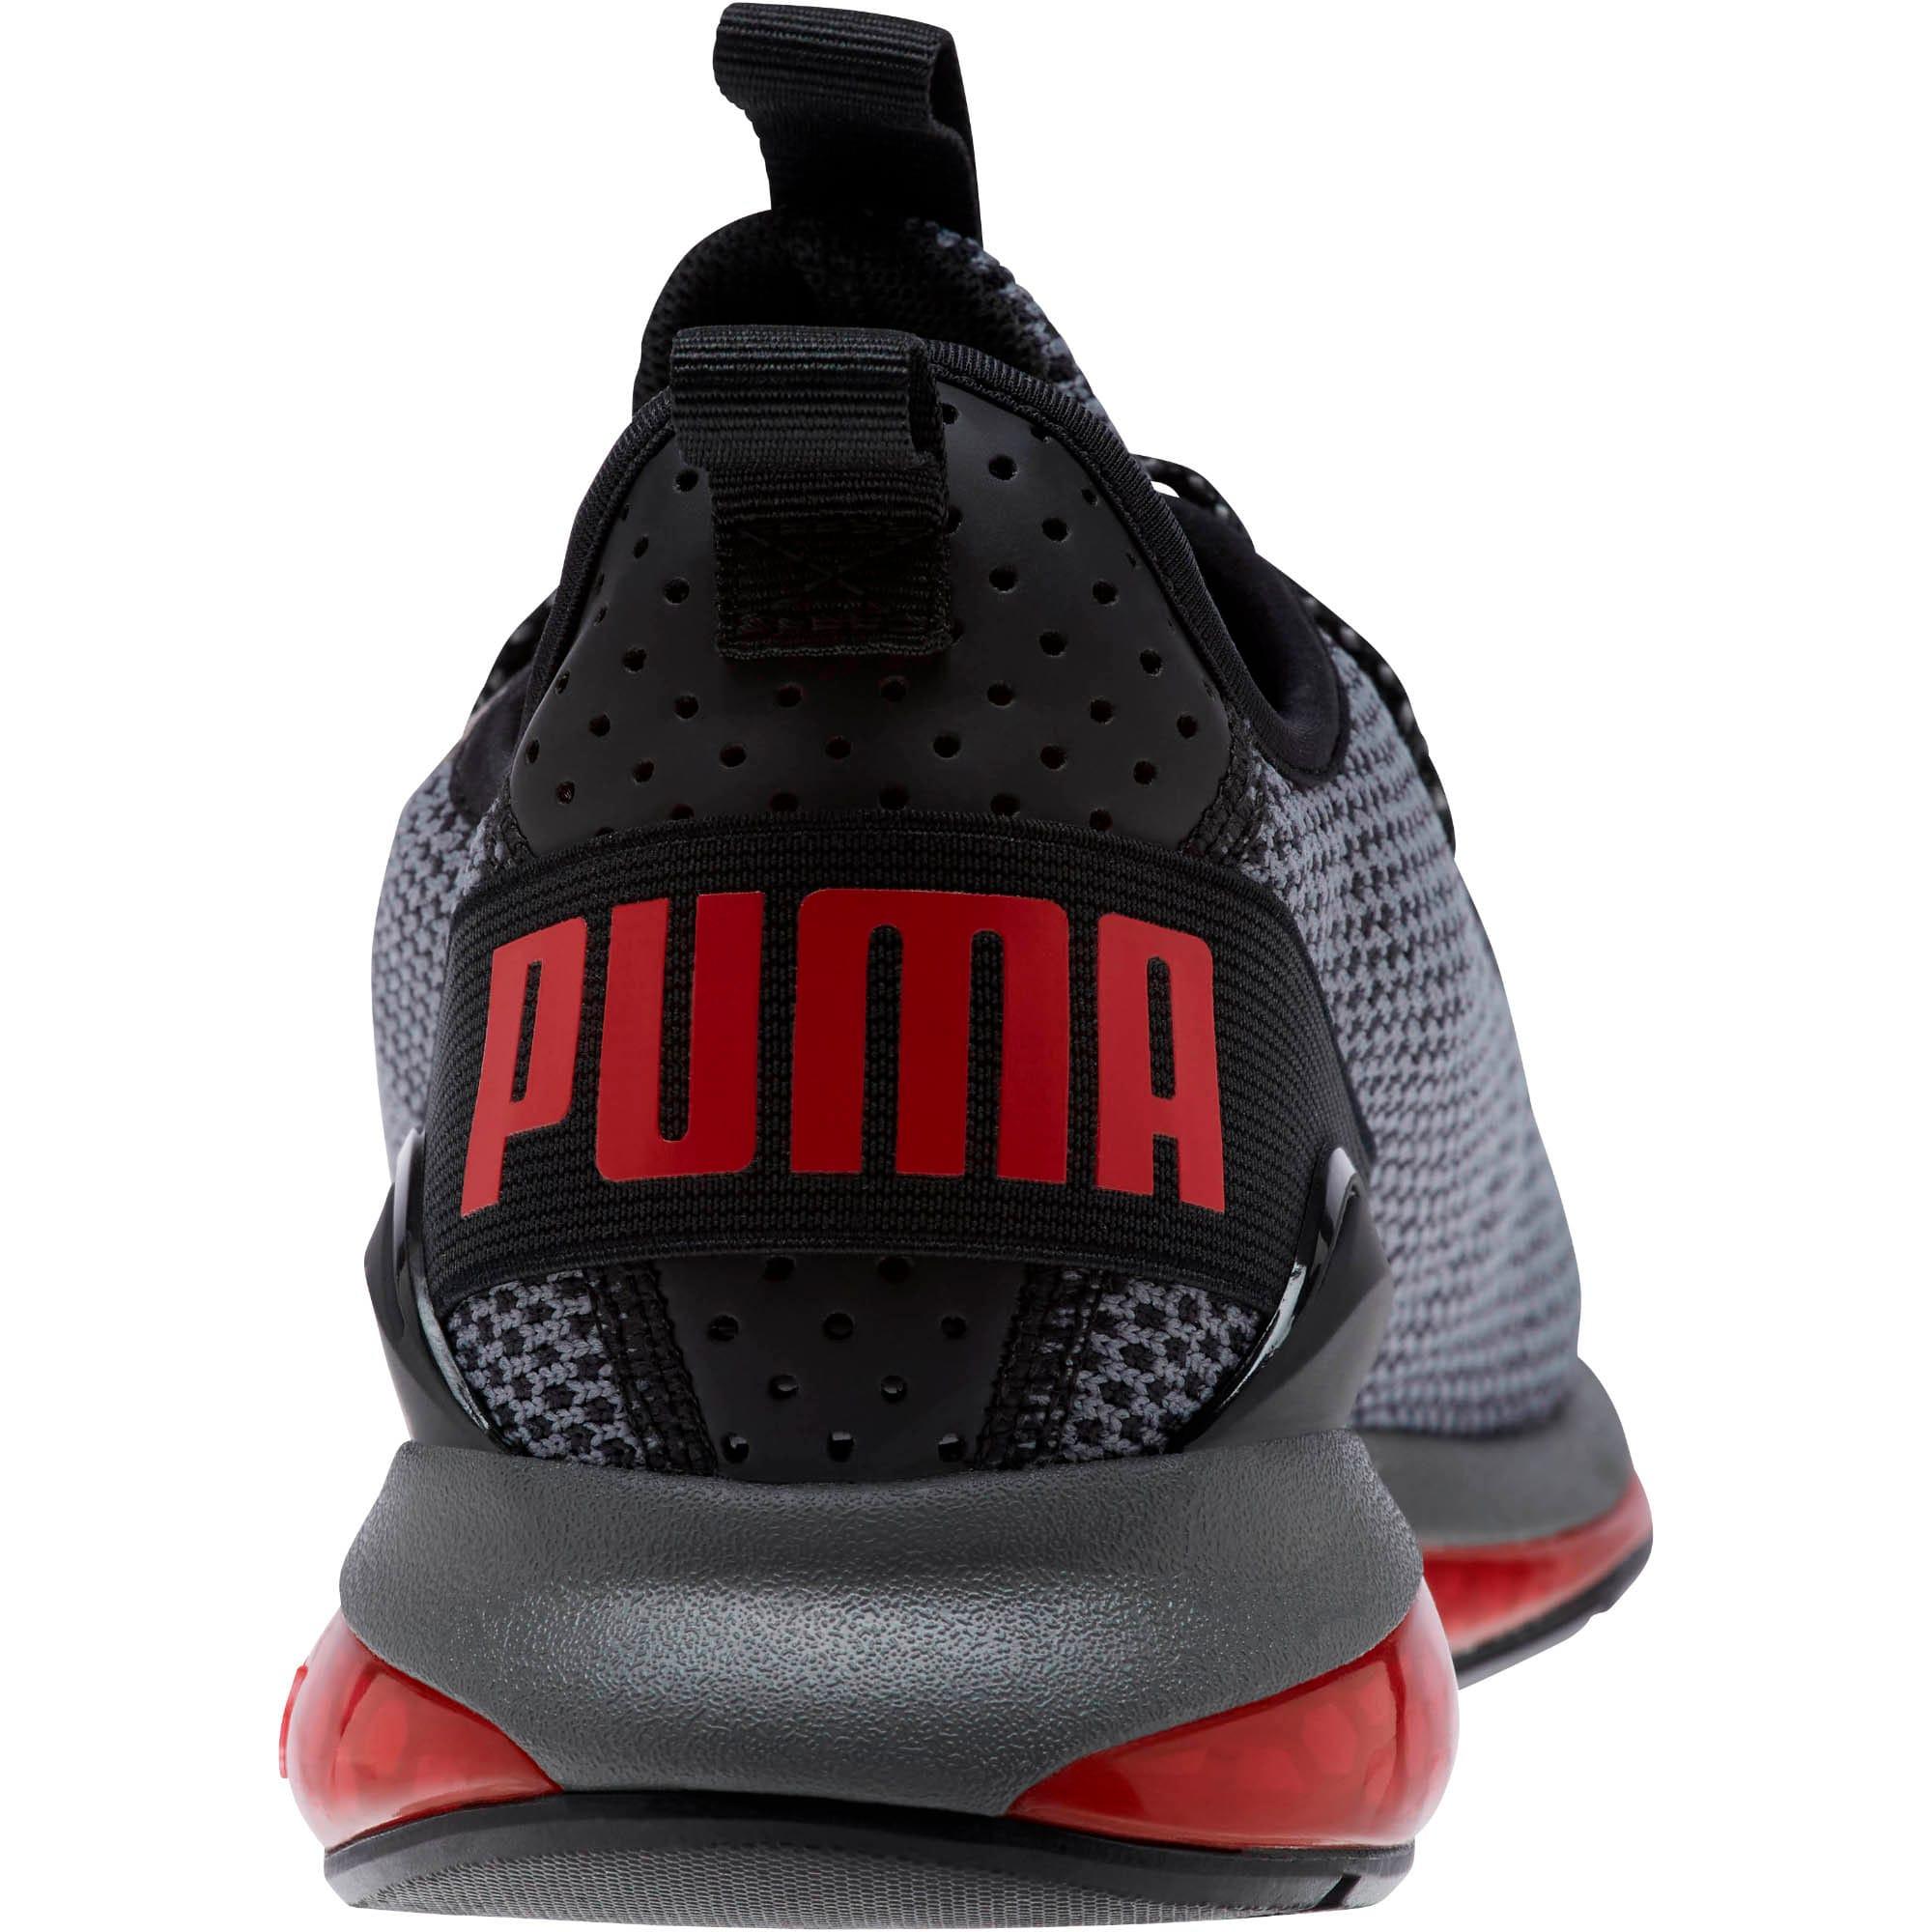 Thumbnail 4 of Cell Descend Men's Running Shoes, Pma Blk-Rbn Rd-Pma Agd Slvr, medium